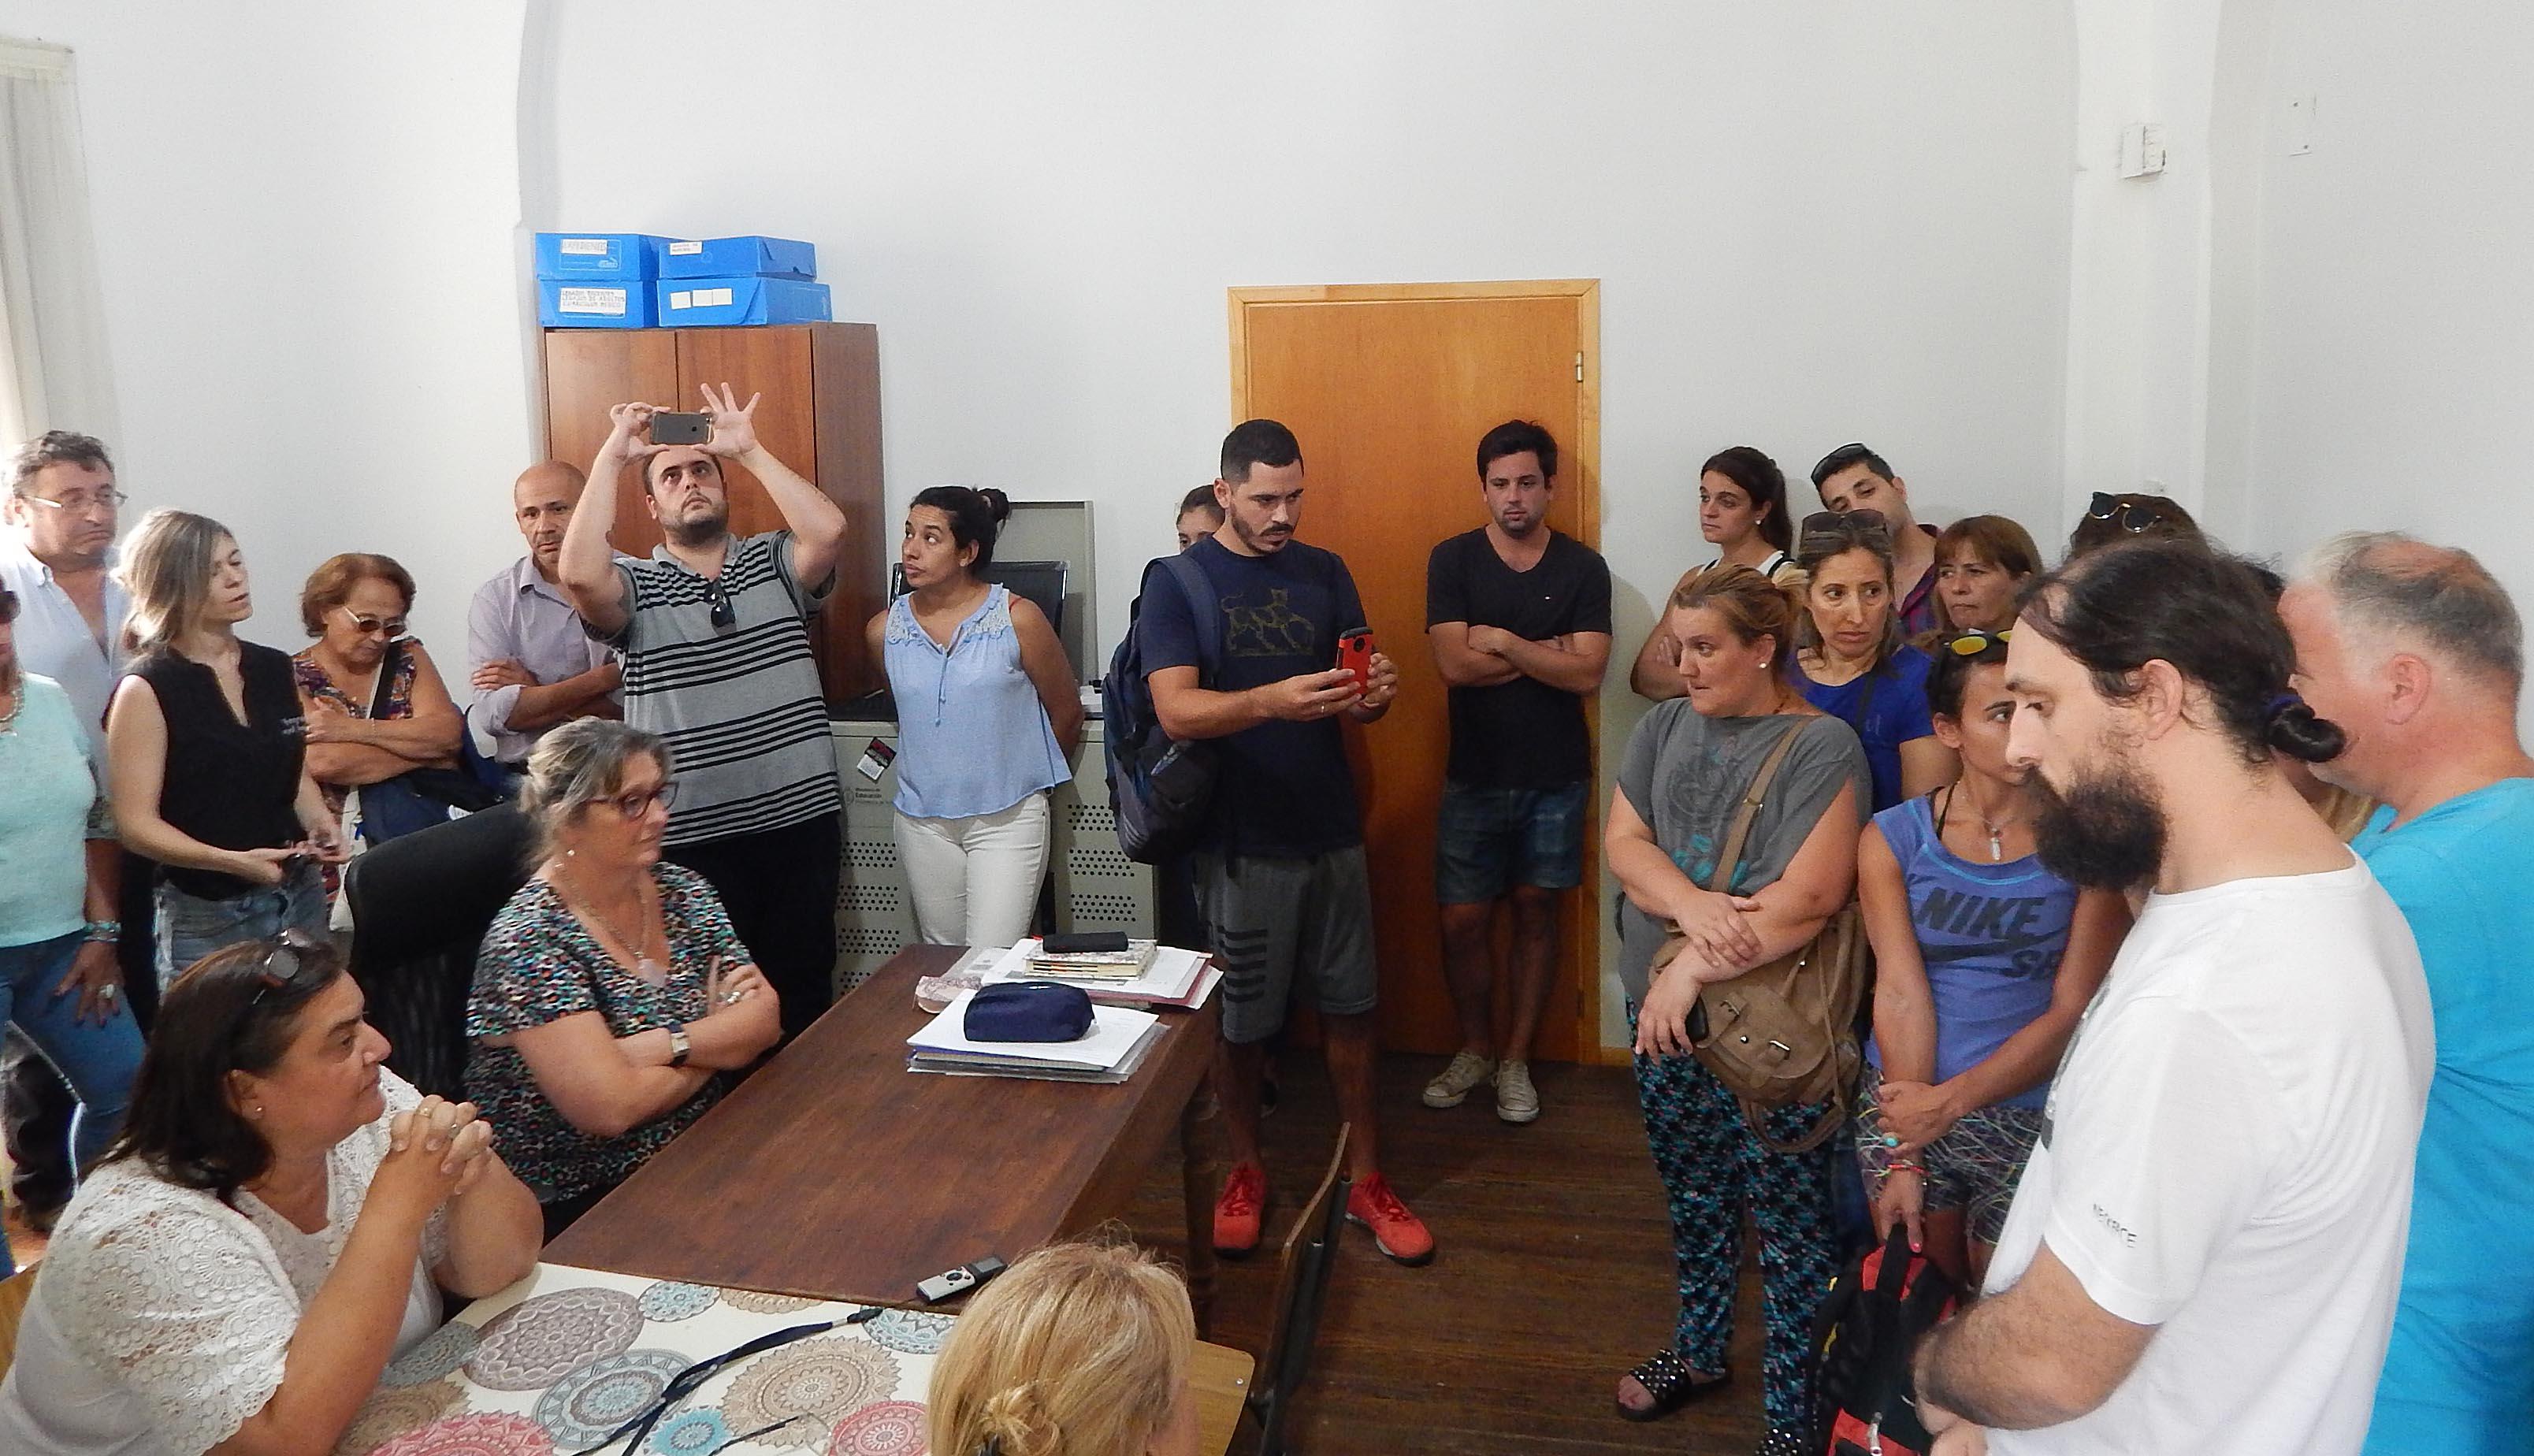 La Media N° 3 Almafuerte no se cierra, aseguraron  las autoridades educativas de  9 de Julio